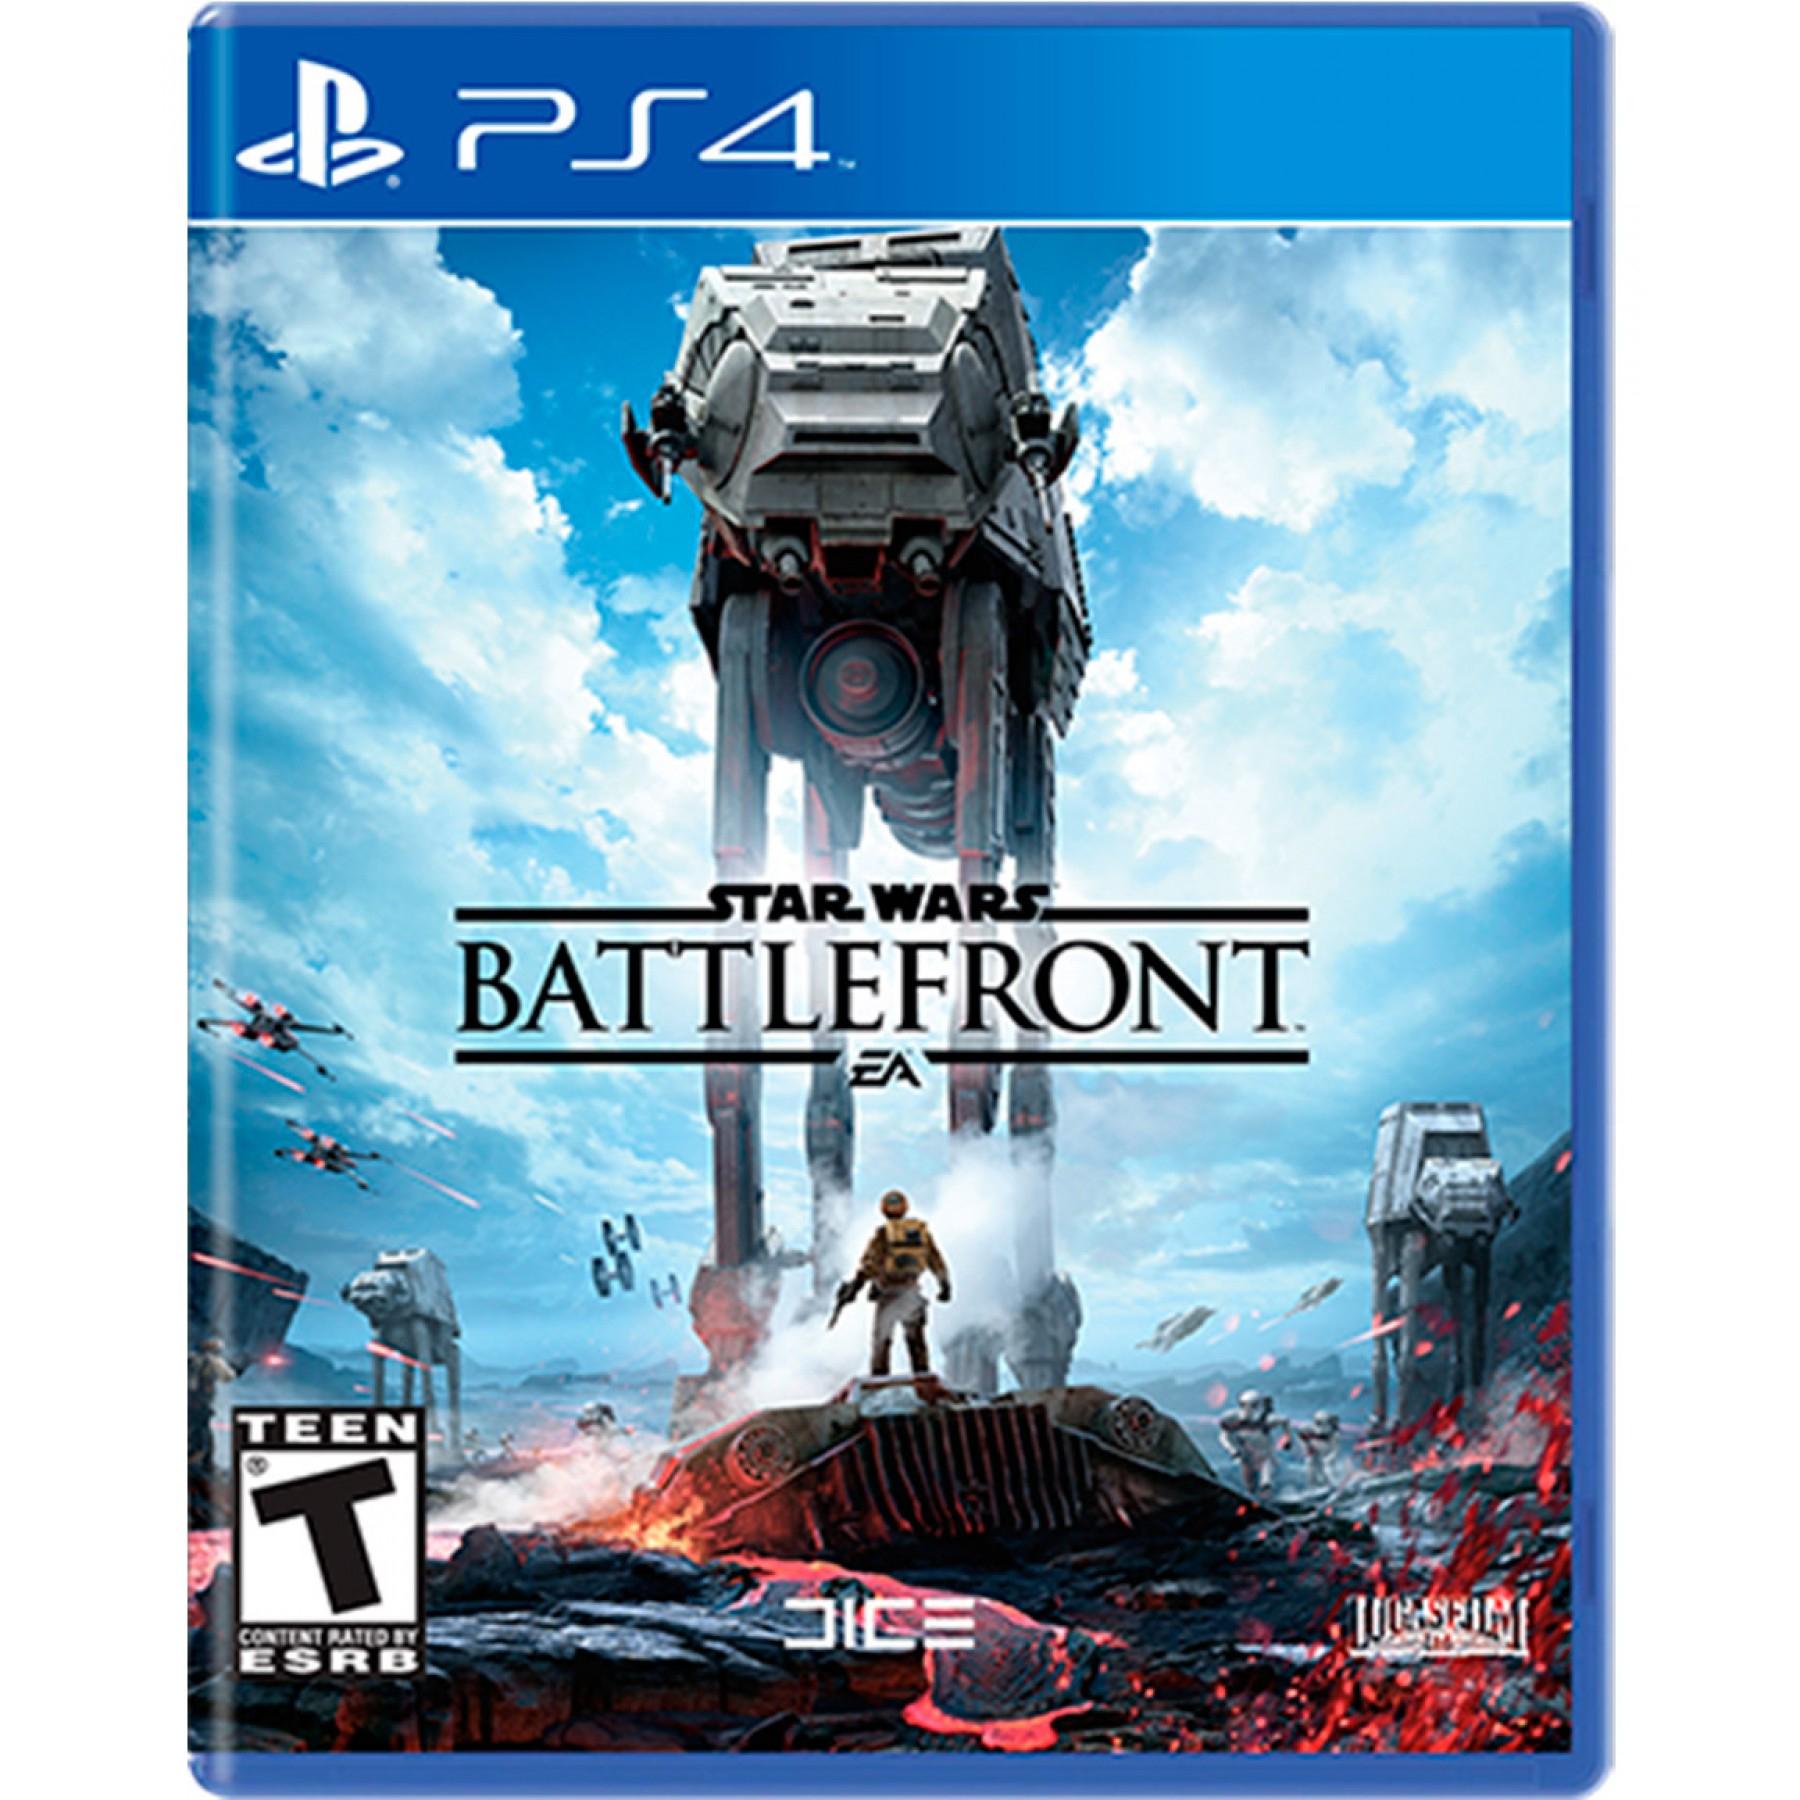 Palacio de Hierro por internet: star wars battlefront  para PS4